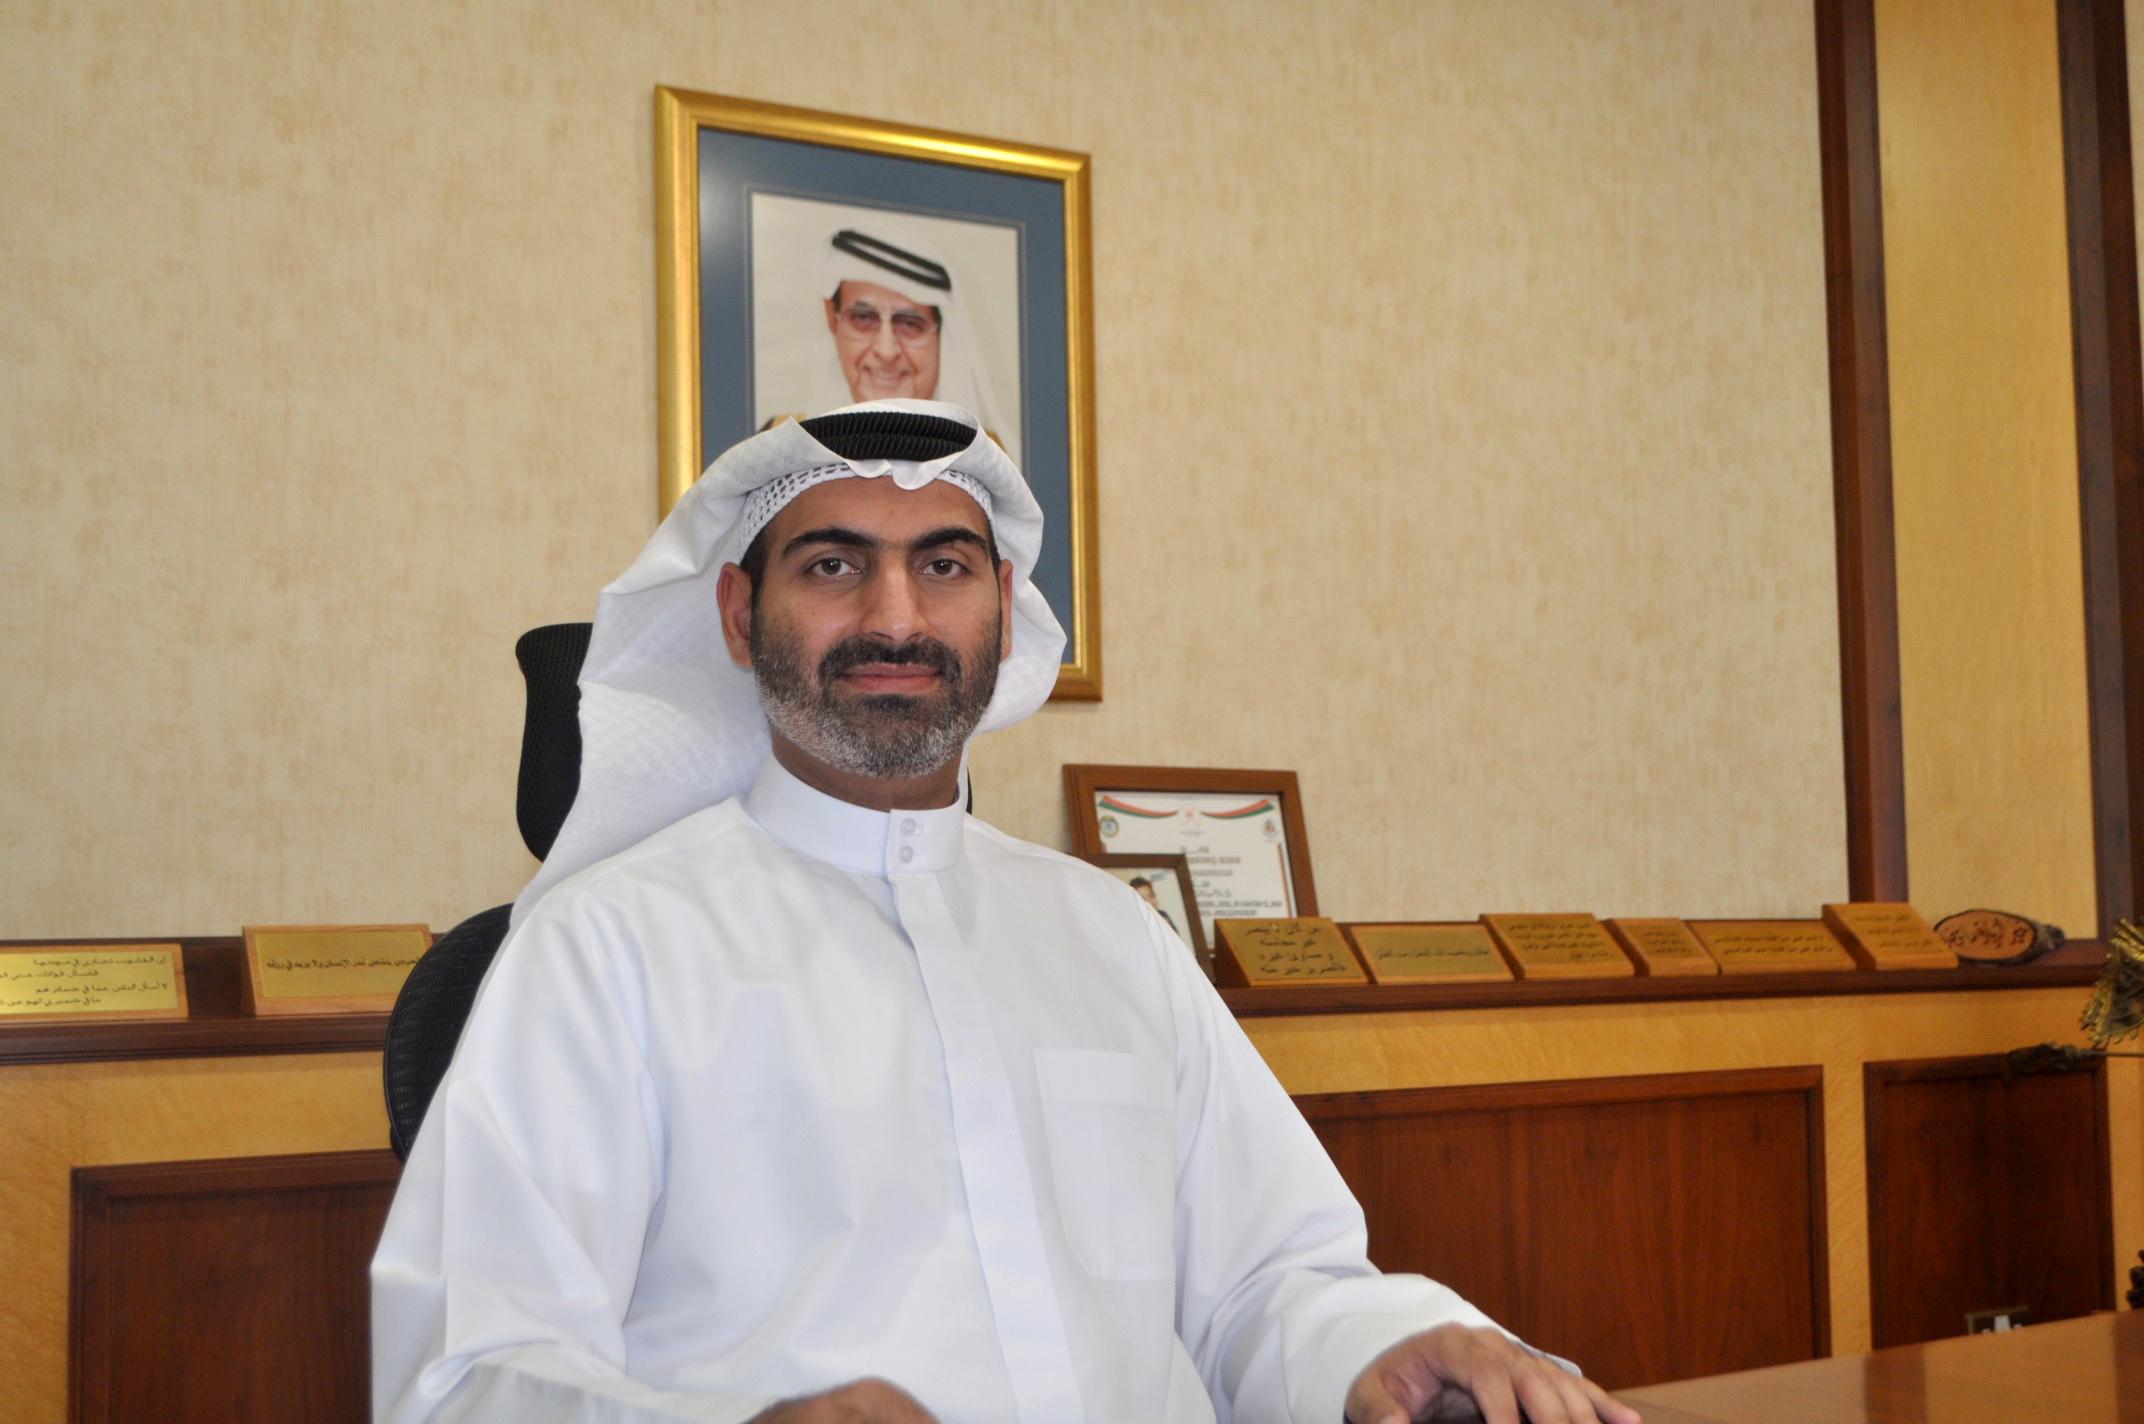 #22: Abdulrahman Khansaheb, Khansaheb